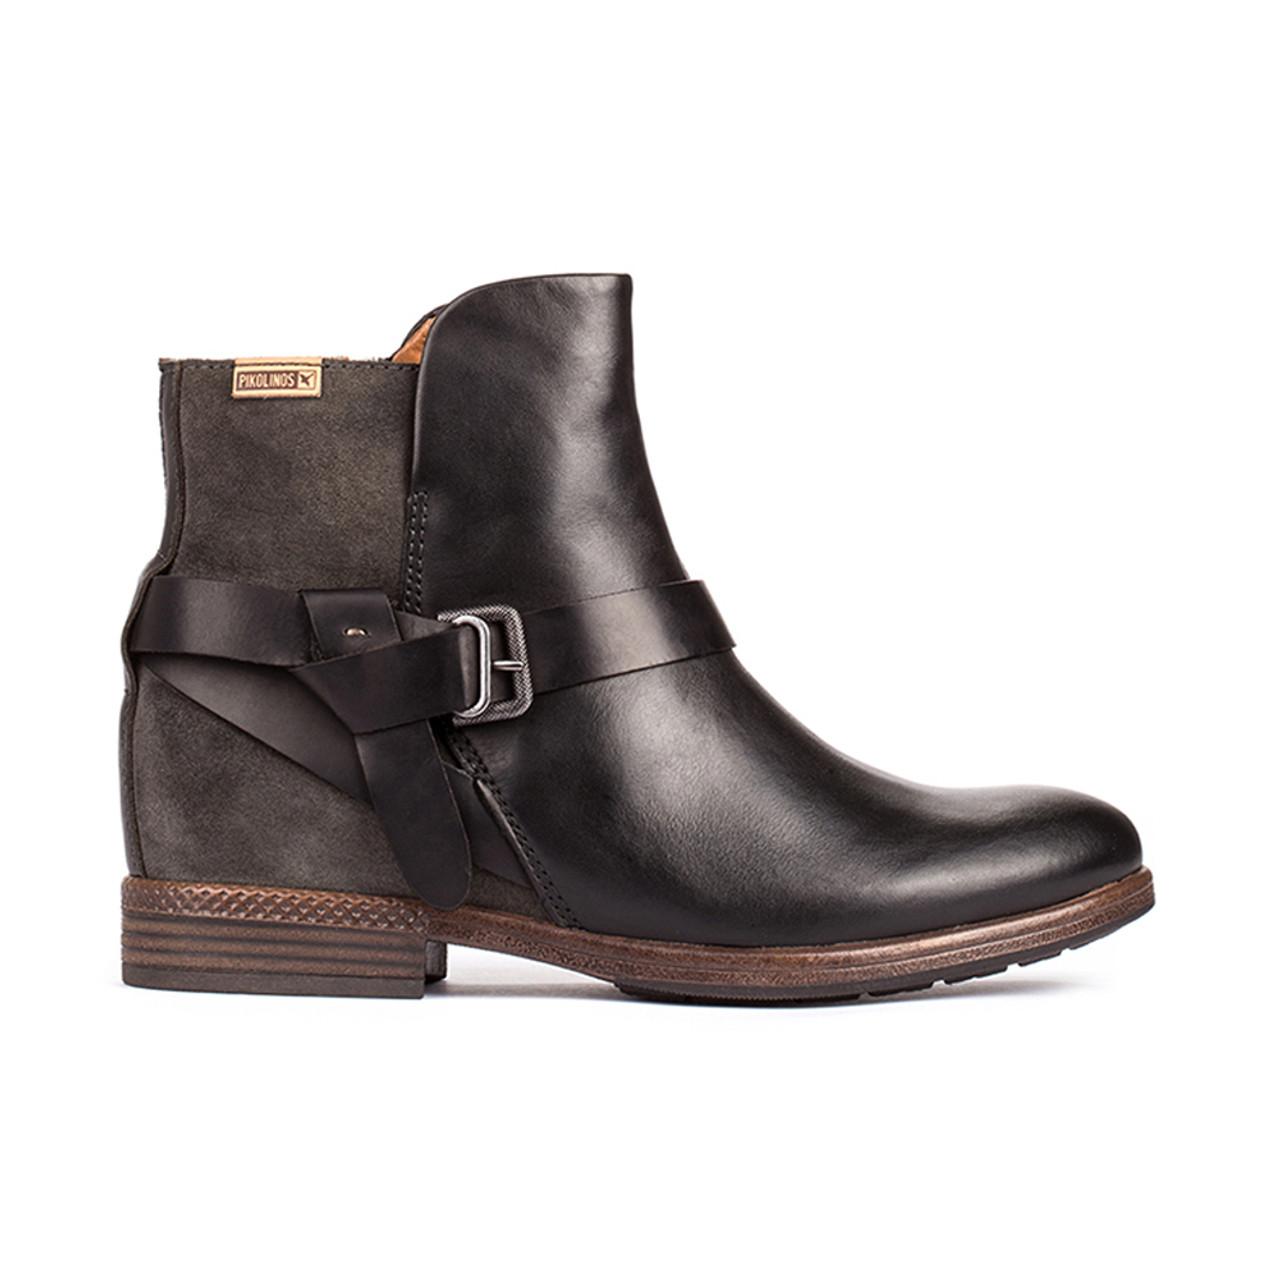 bcb2234b2ad2 Pikolinos Women s Ordino W8M-8919 Ankle Boot Black Lead - Shop now   Shoolu